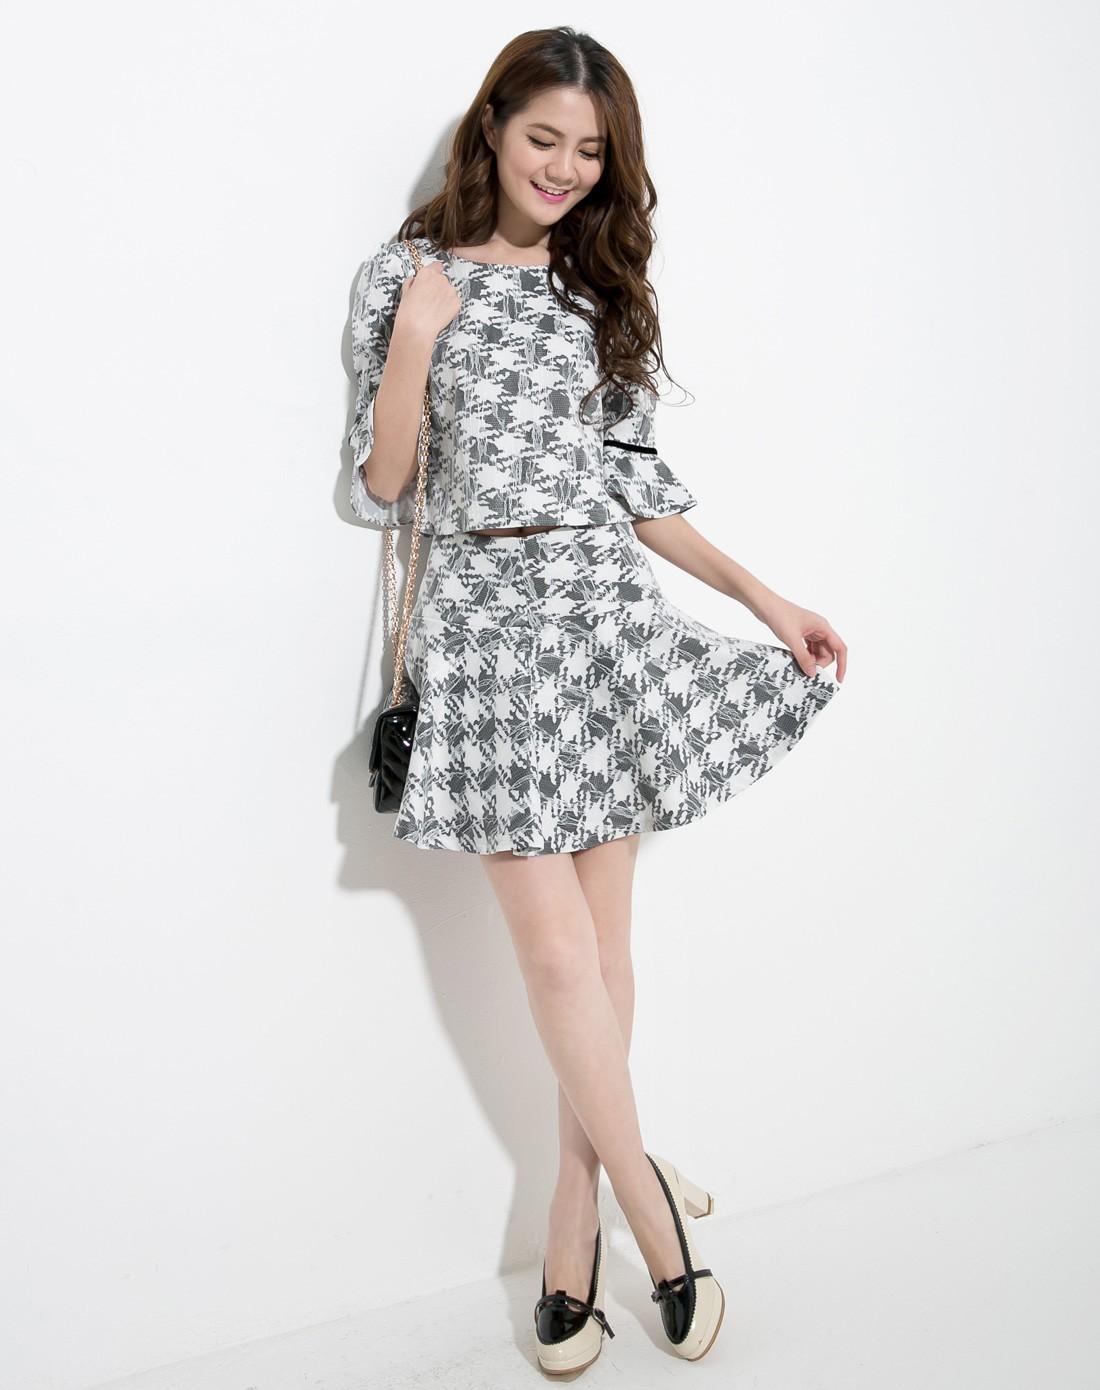 黑白格套装裙